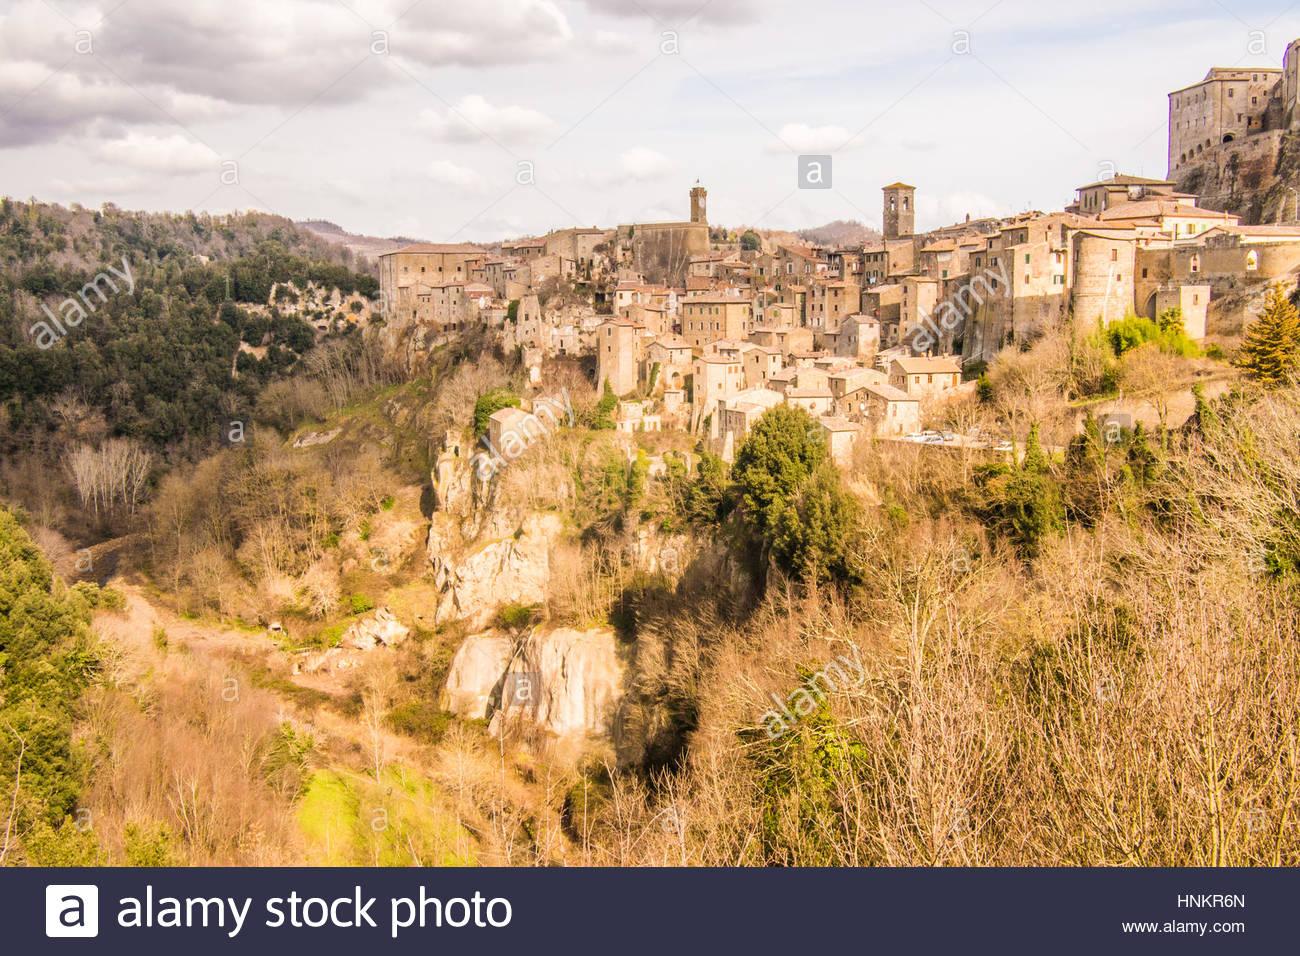 Sorano, Grosseto province, Tuscany, Italy - Stock Image